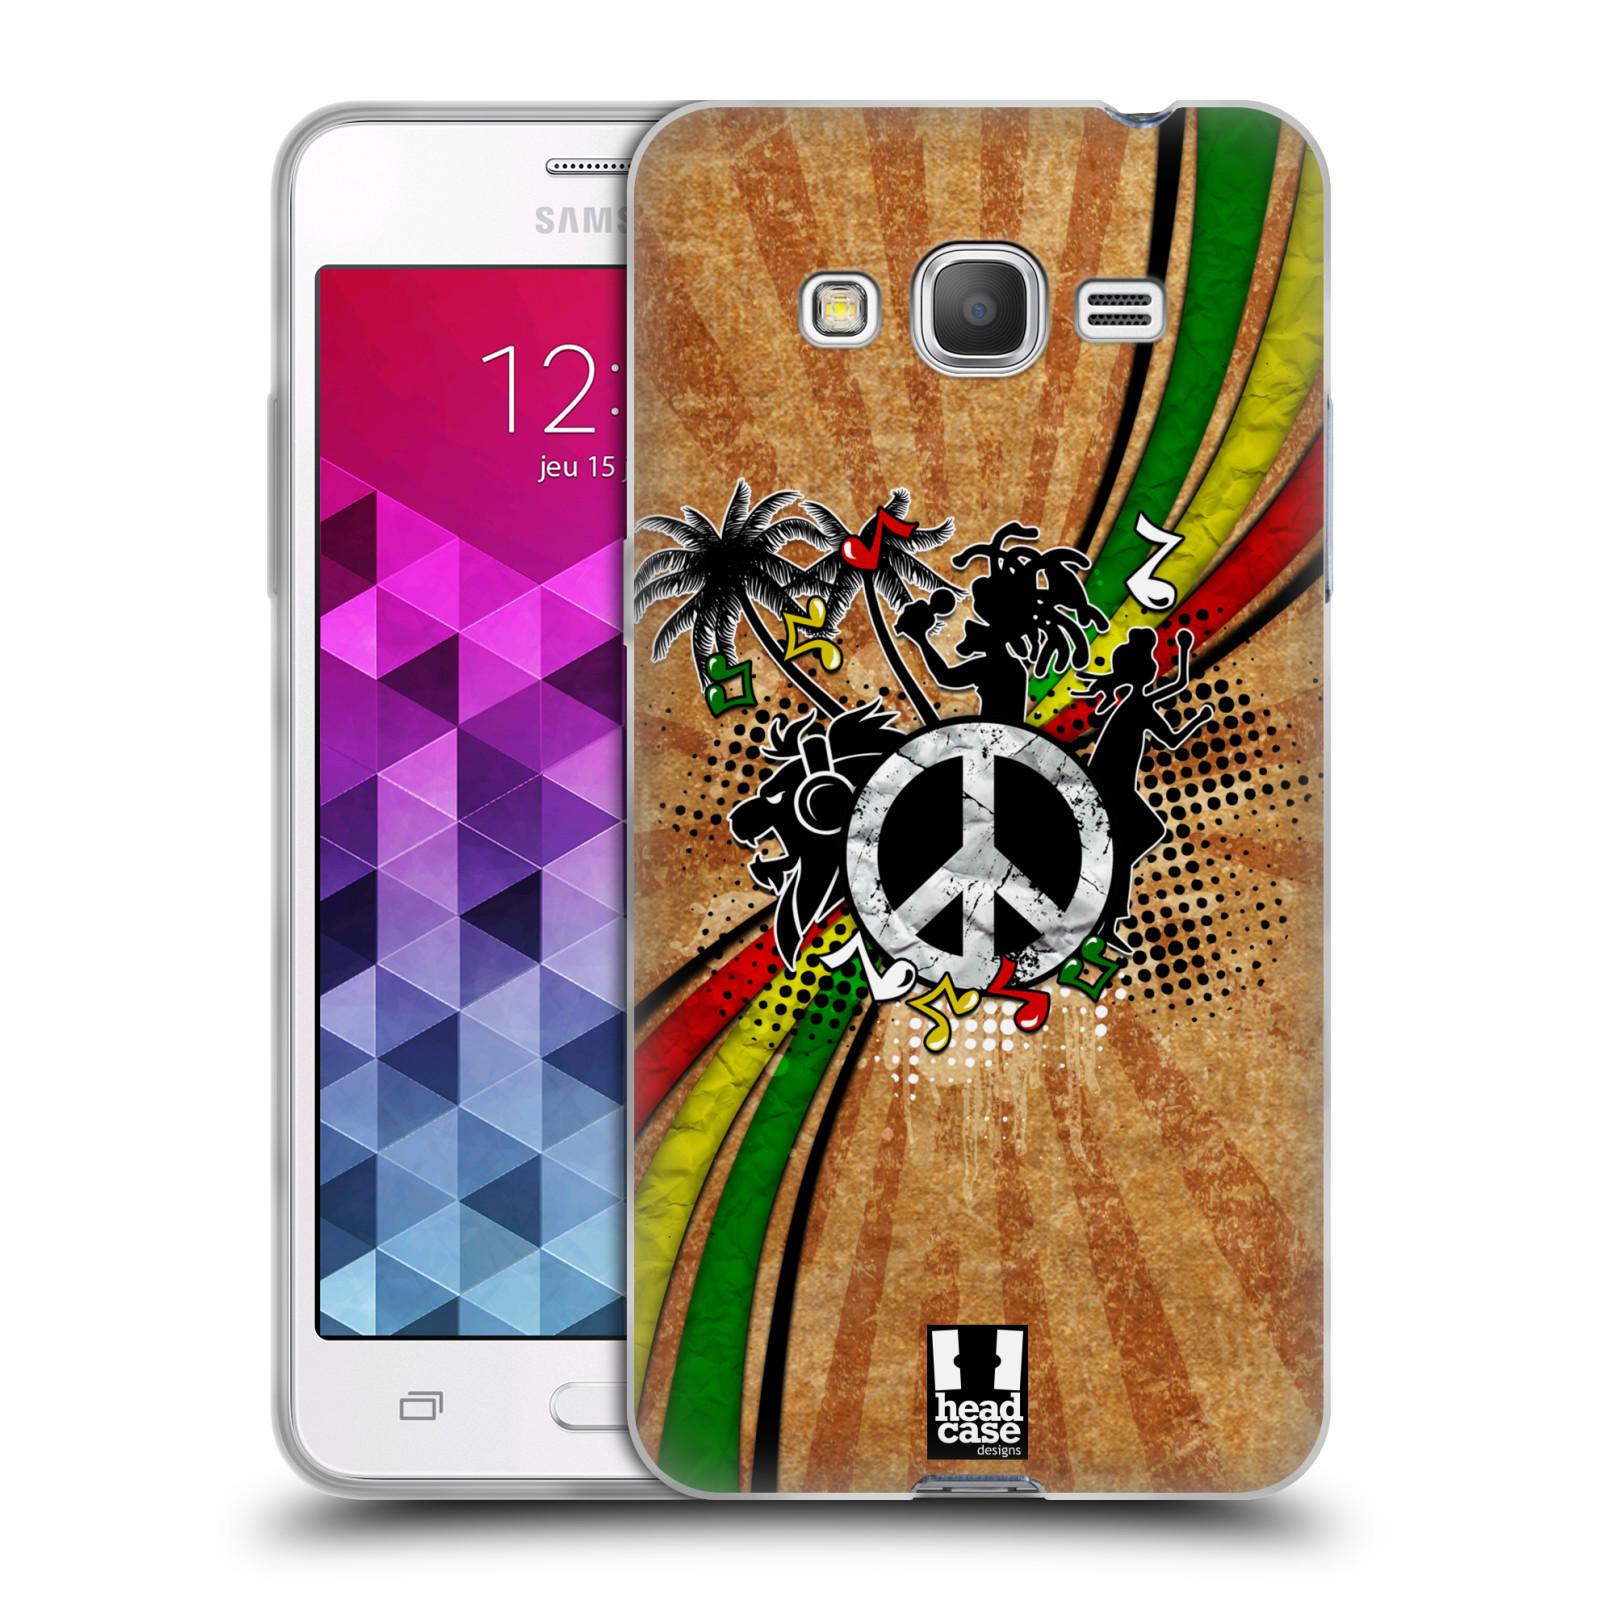 Silikonové pouzdro na mobil Samsung Galaxy Grand Prime HEAD CASE REGGAE